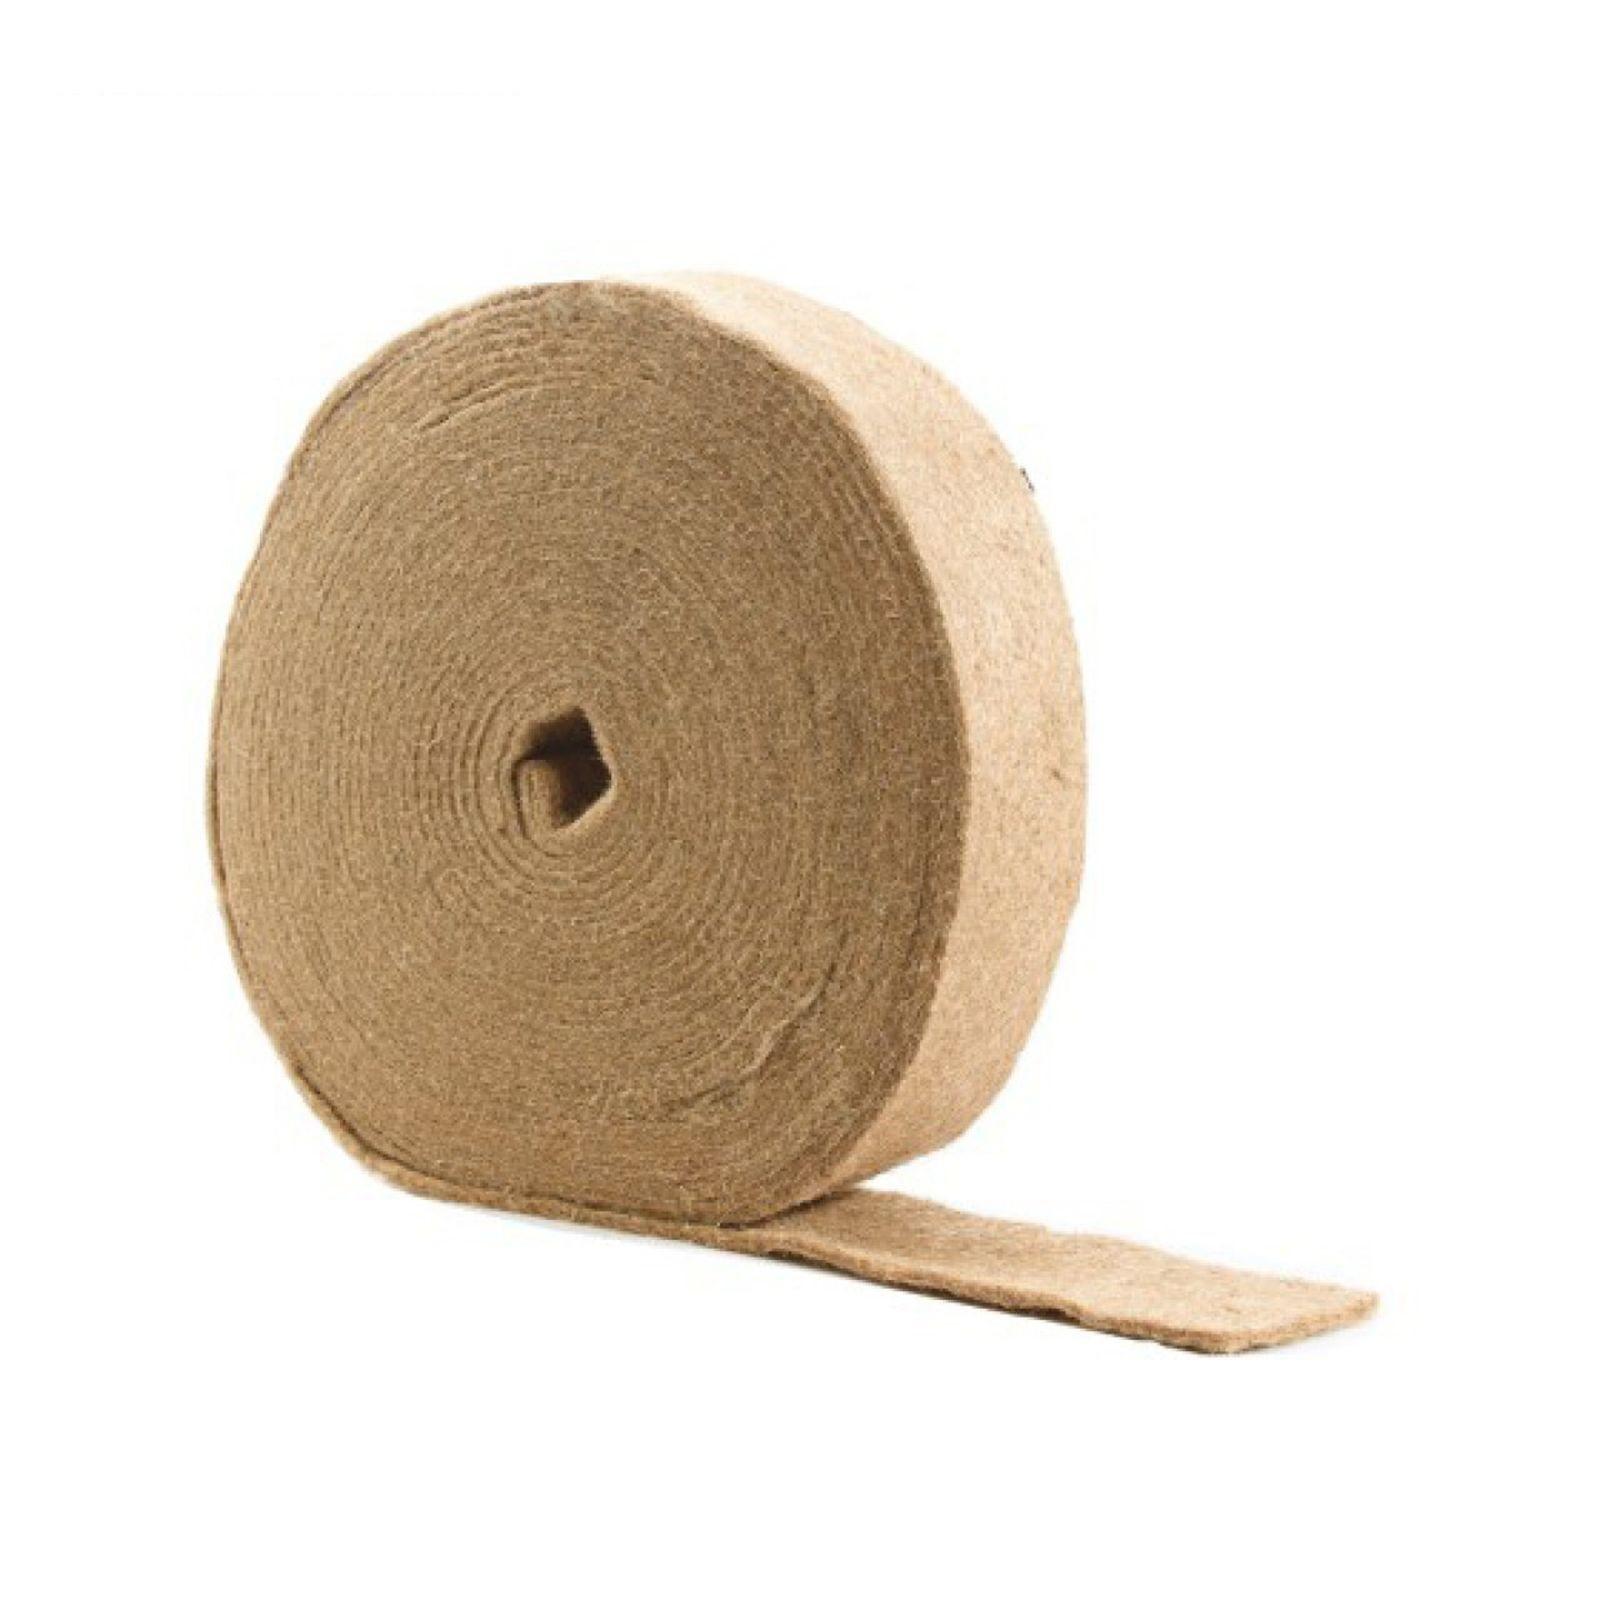 Джутовая веревка (28 фото): что это такое? из чего сделан жгутовый шпагат? как используется джут для рукоделия? мастер-классы поделок для начинающих